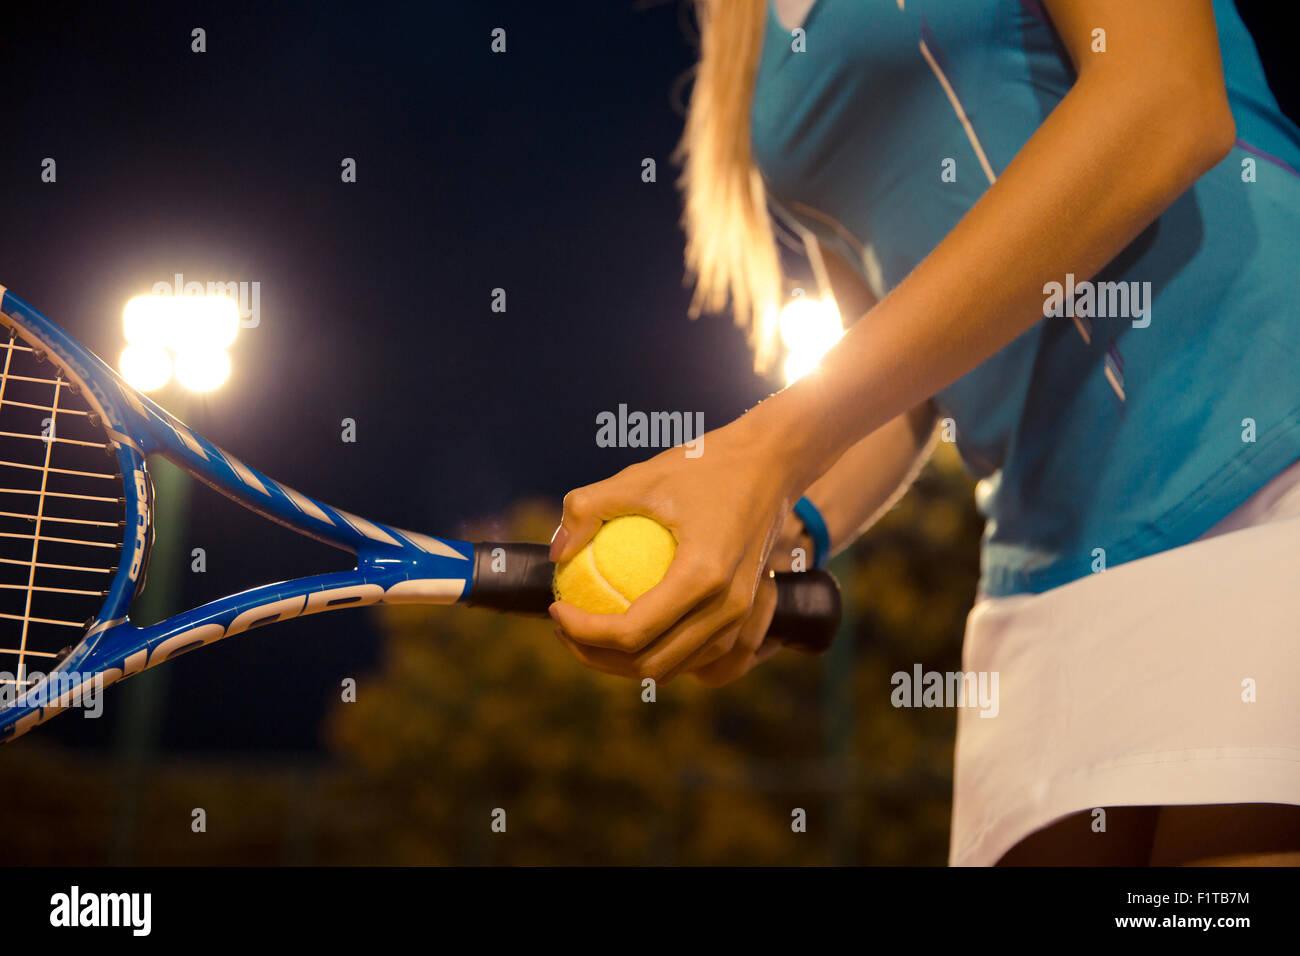 Closeup retrato de un jugador de tenis femenino la celebración de raqueta y bola Imagen De Stock